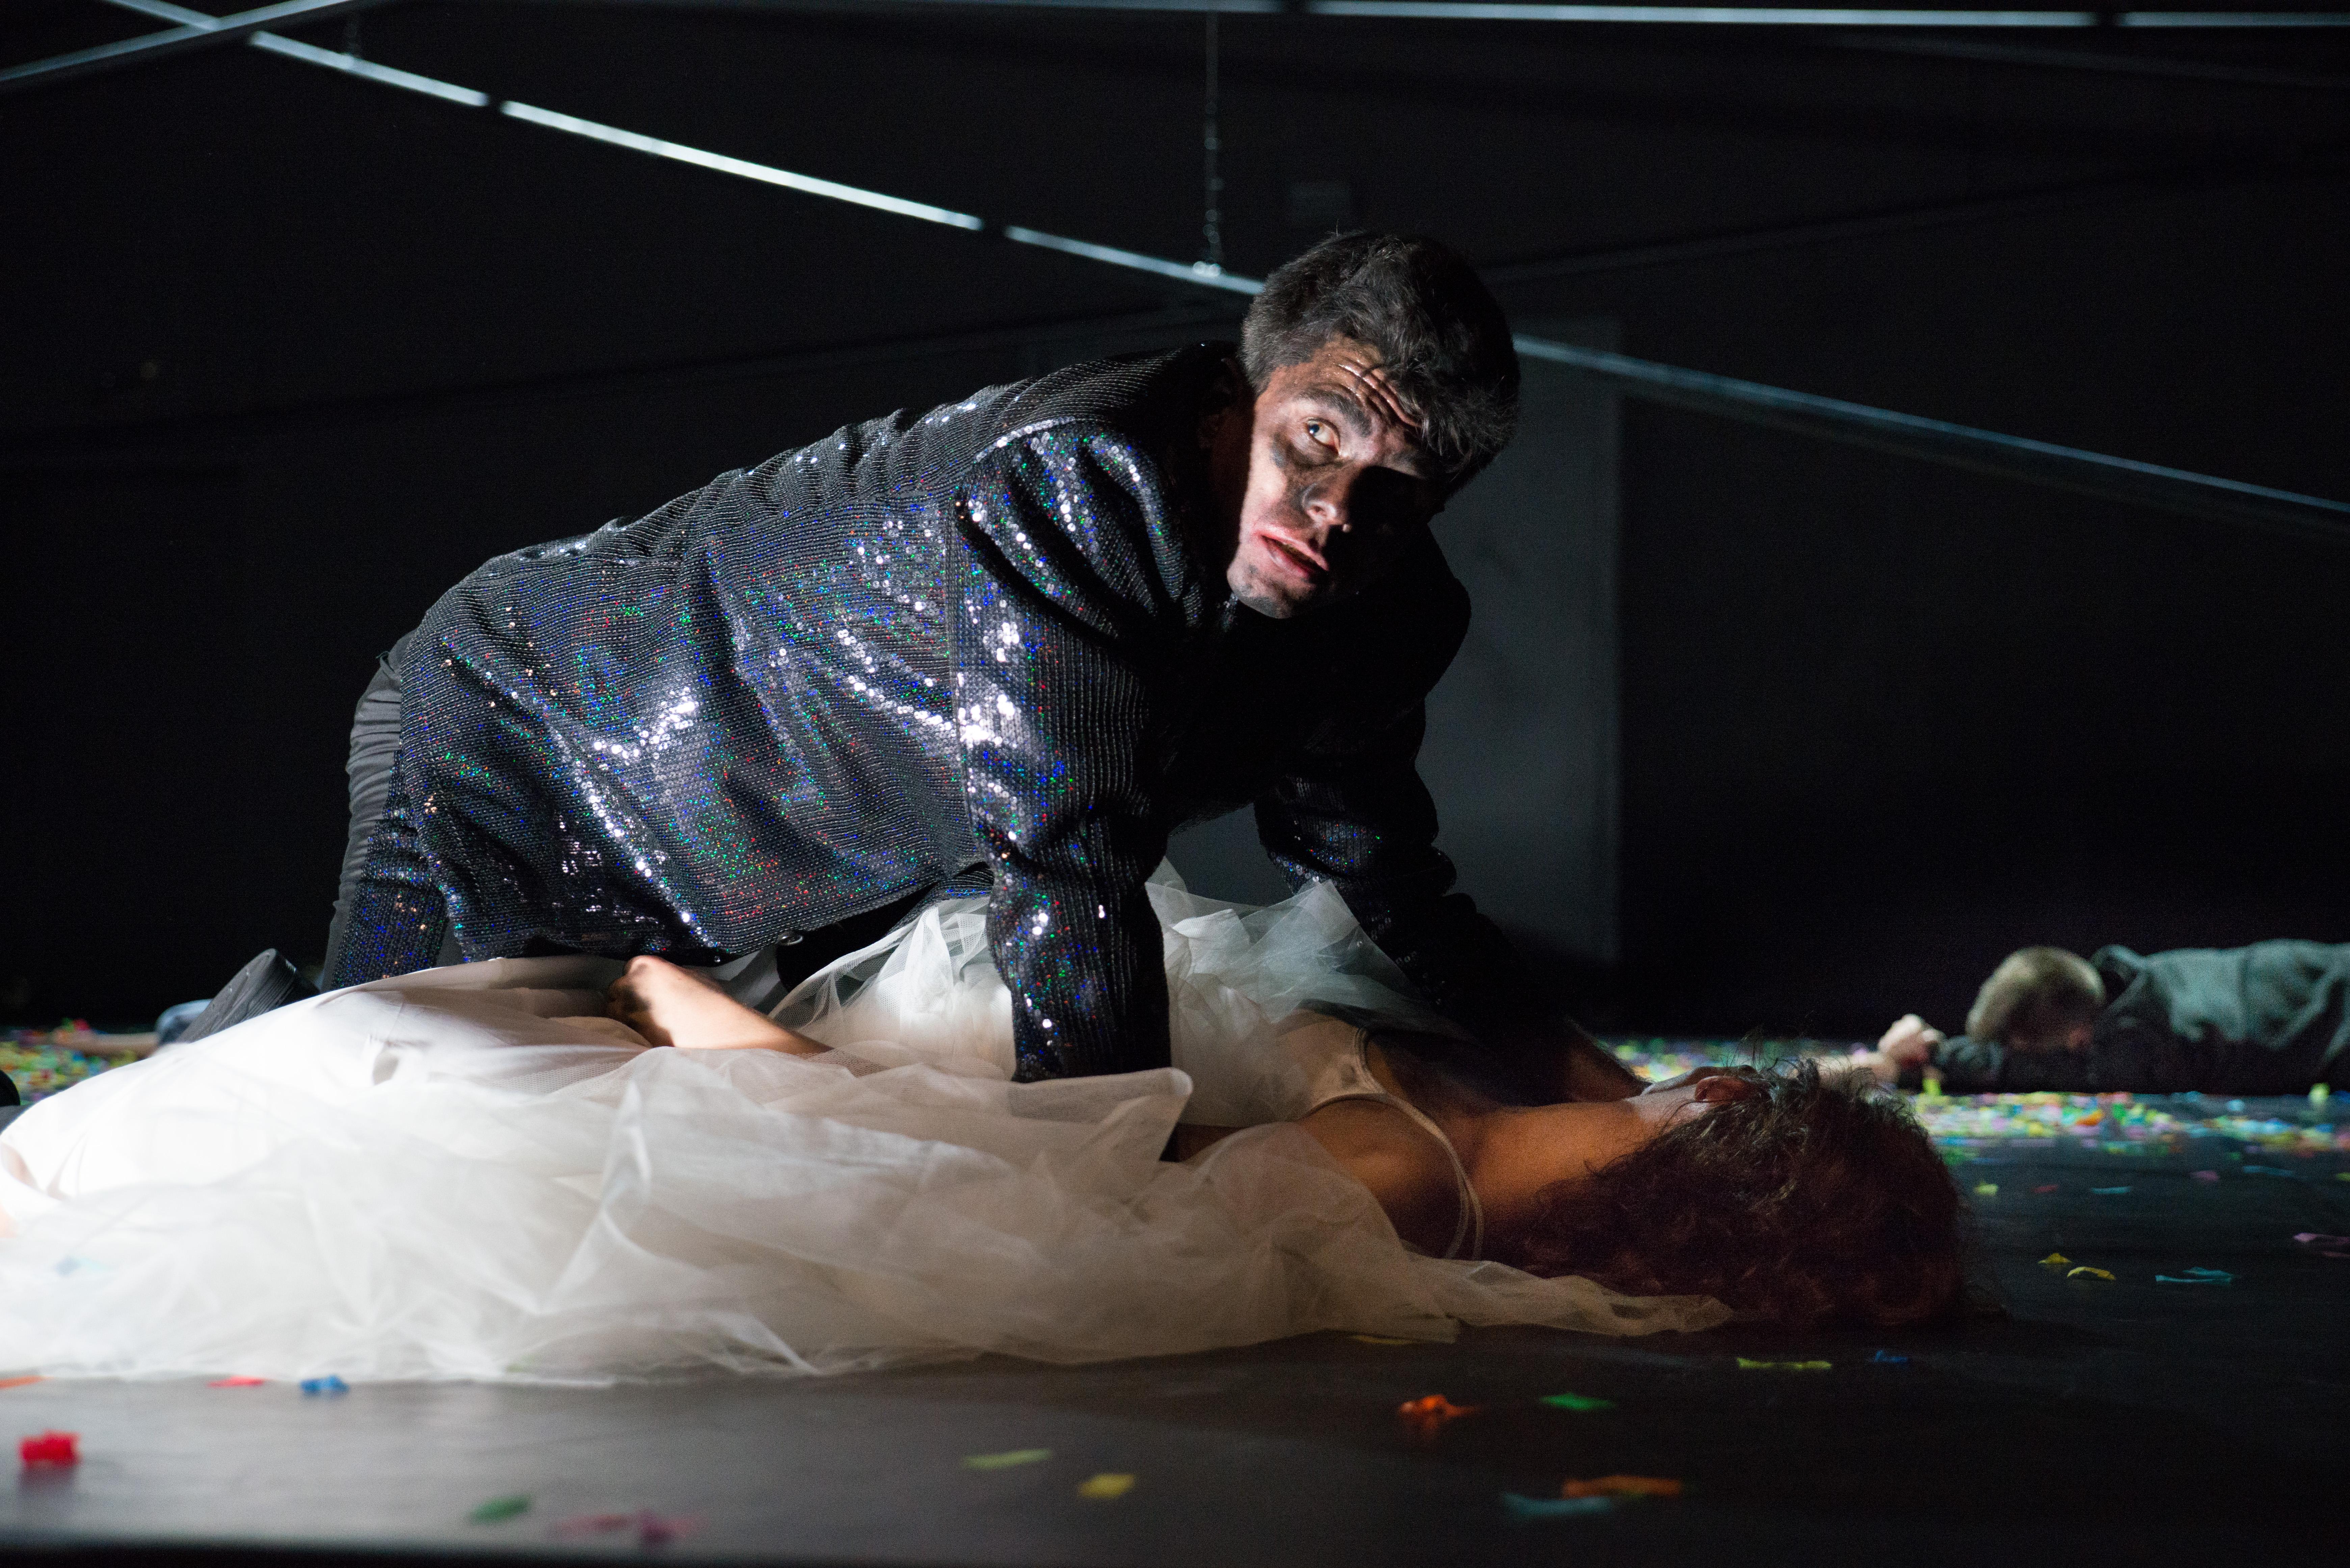 Othello, V AKT, Emilia(Fot. M.Stein)